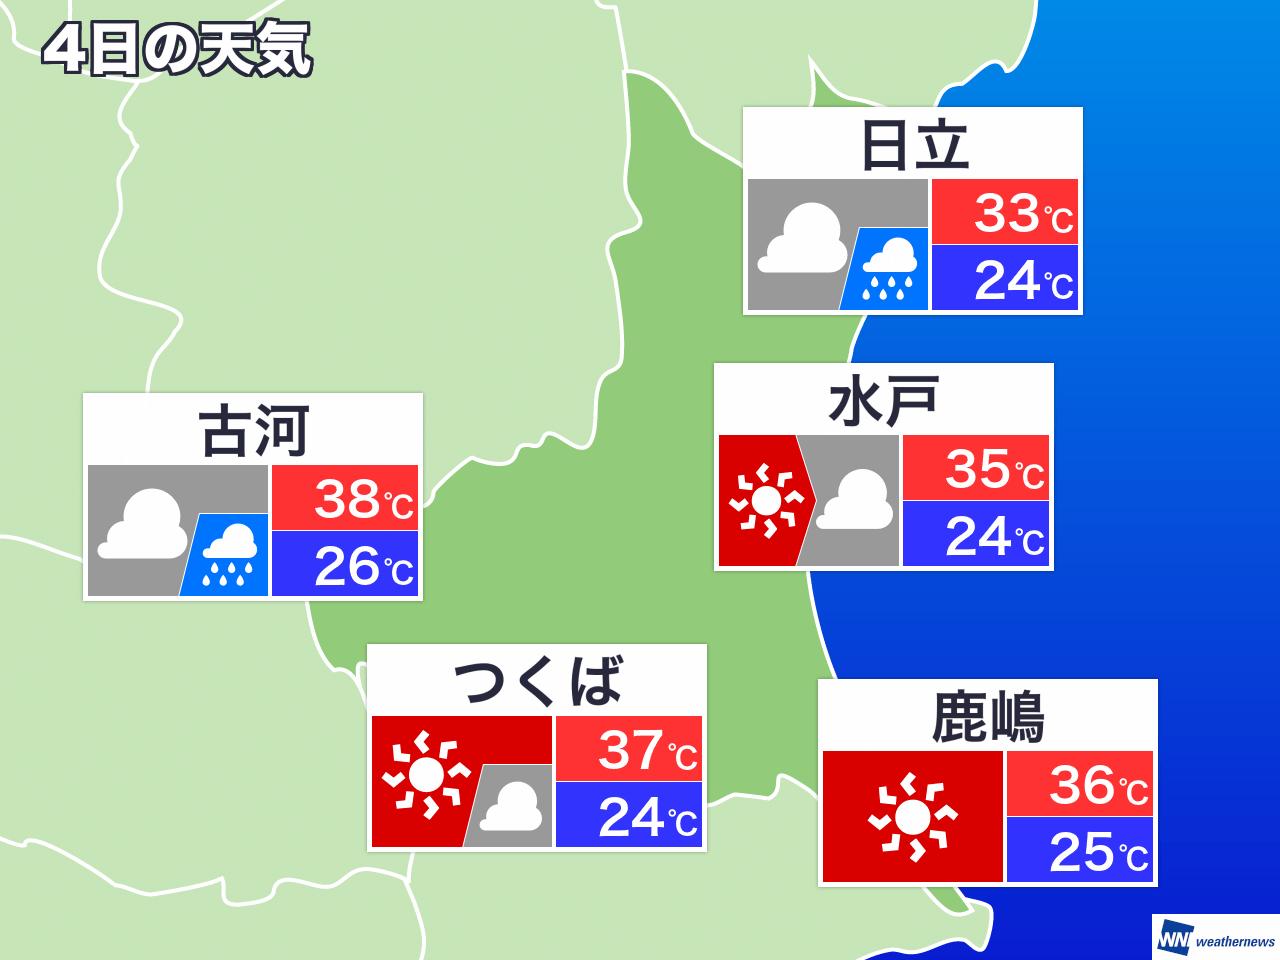 12月2日(月) 茨城県の今日の天気 - ウェザーニュース